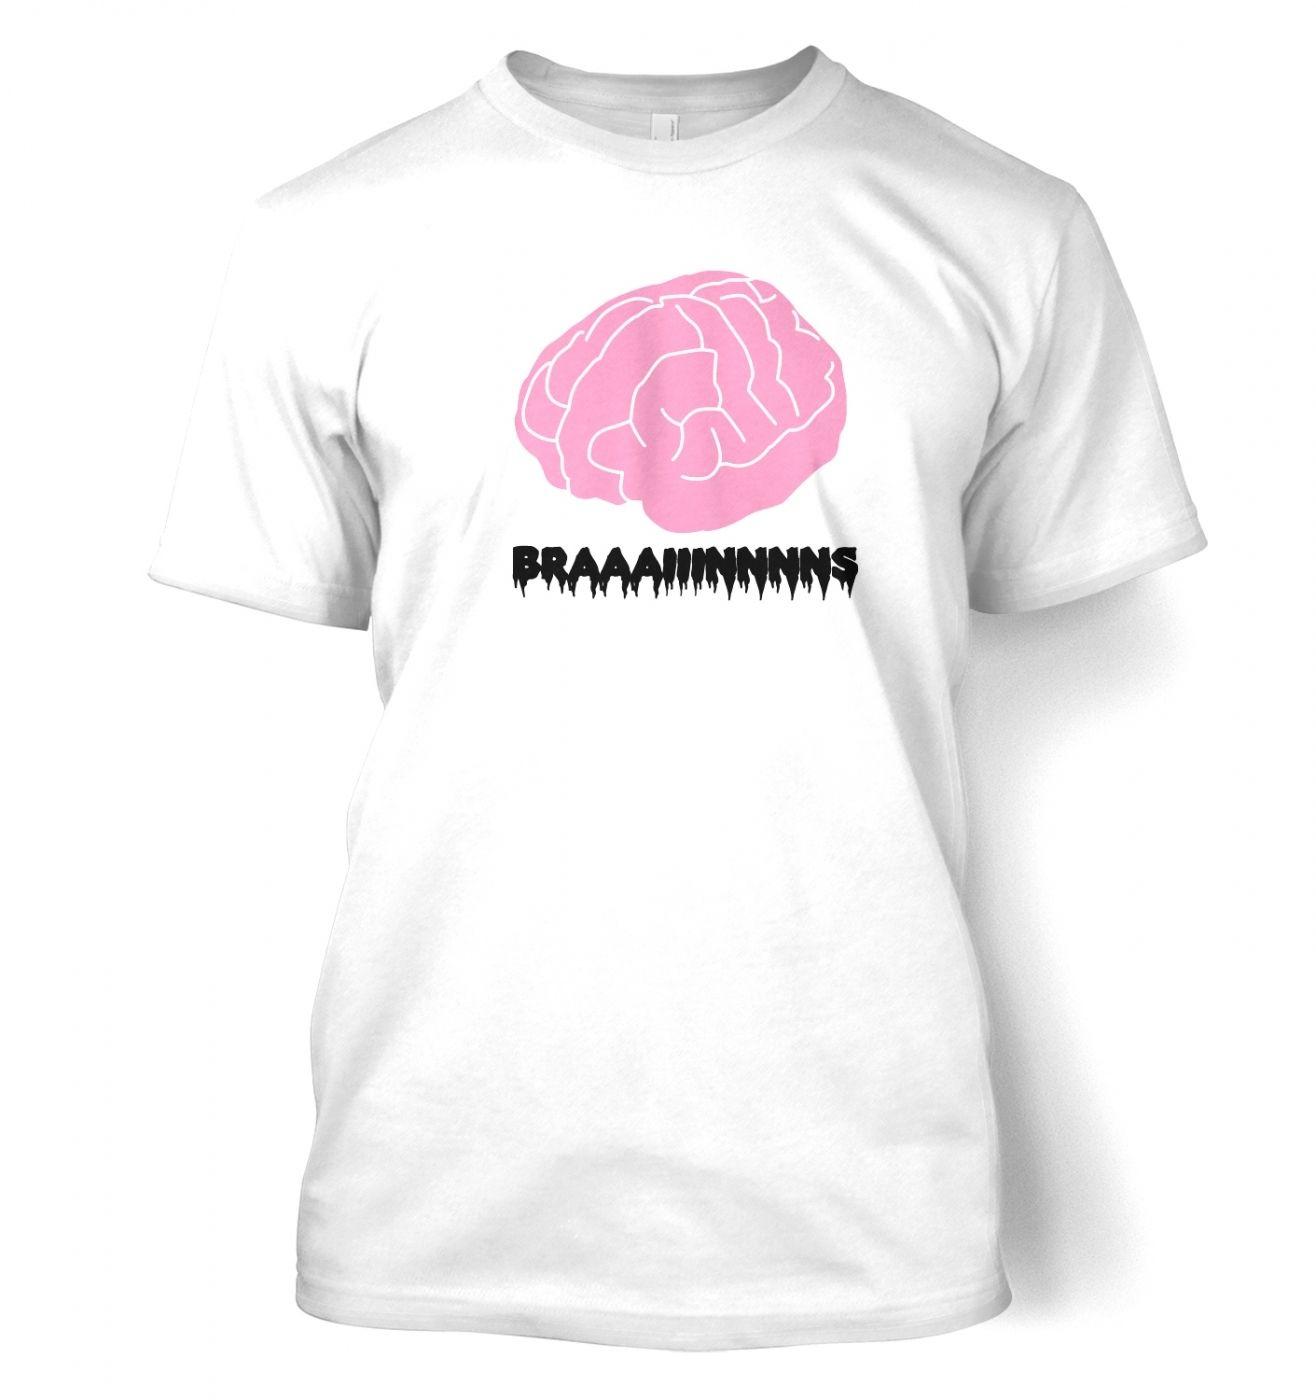 Braaaains t-shirt